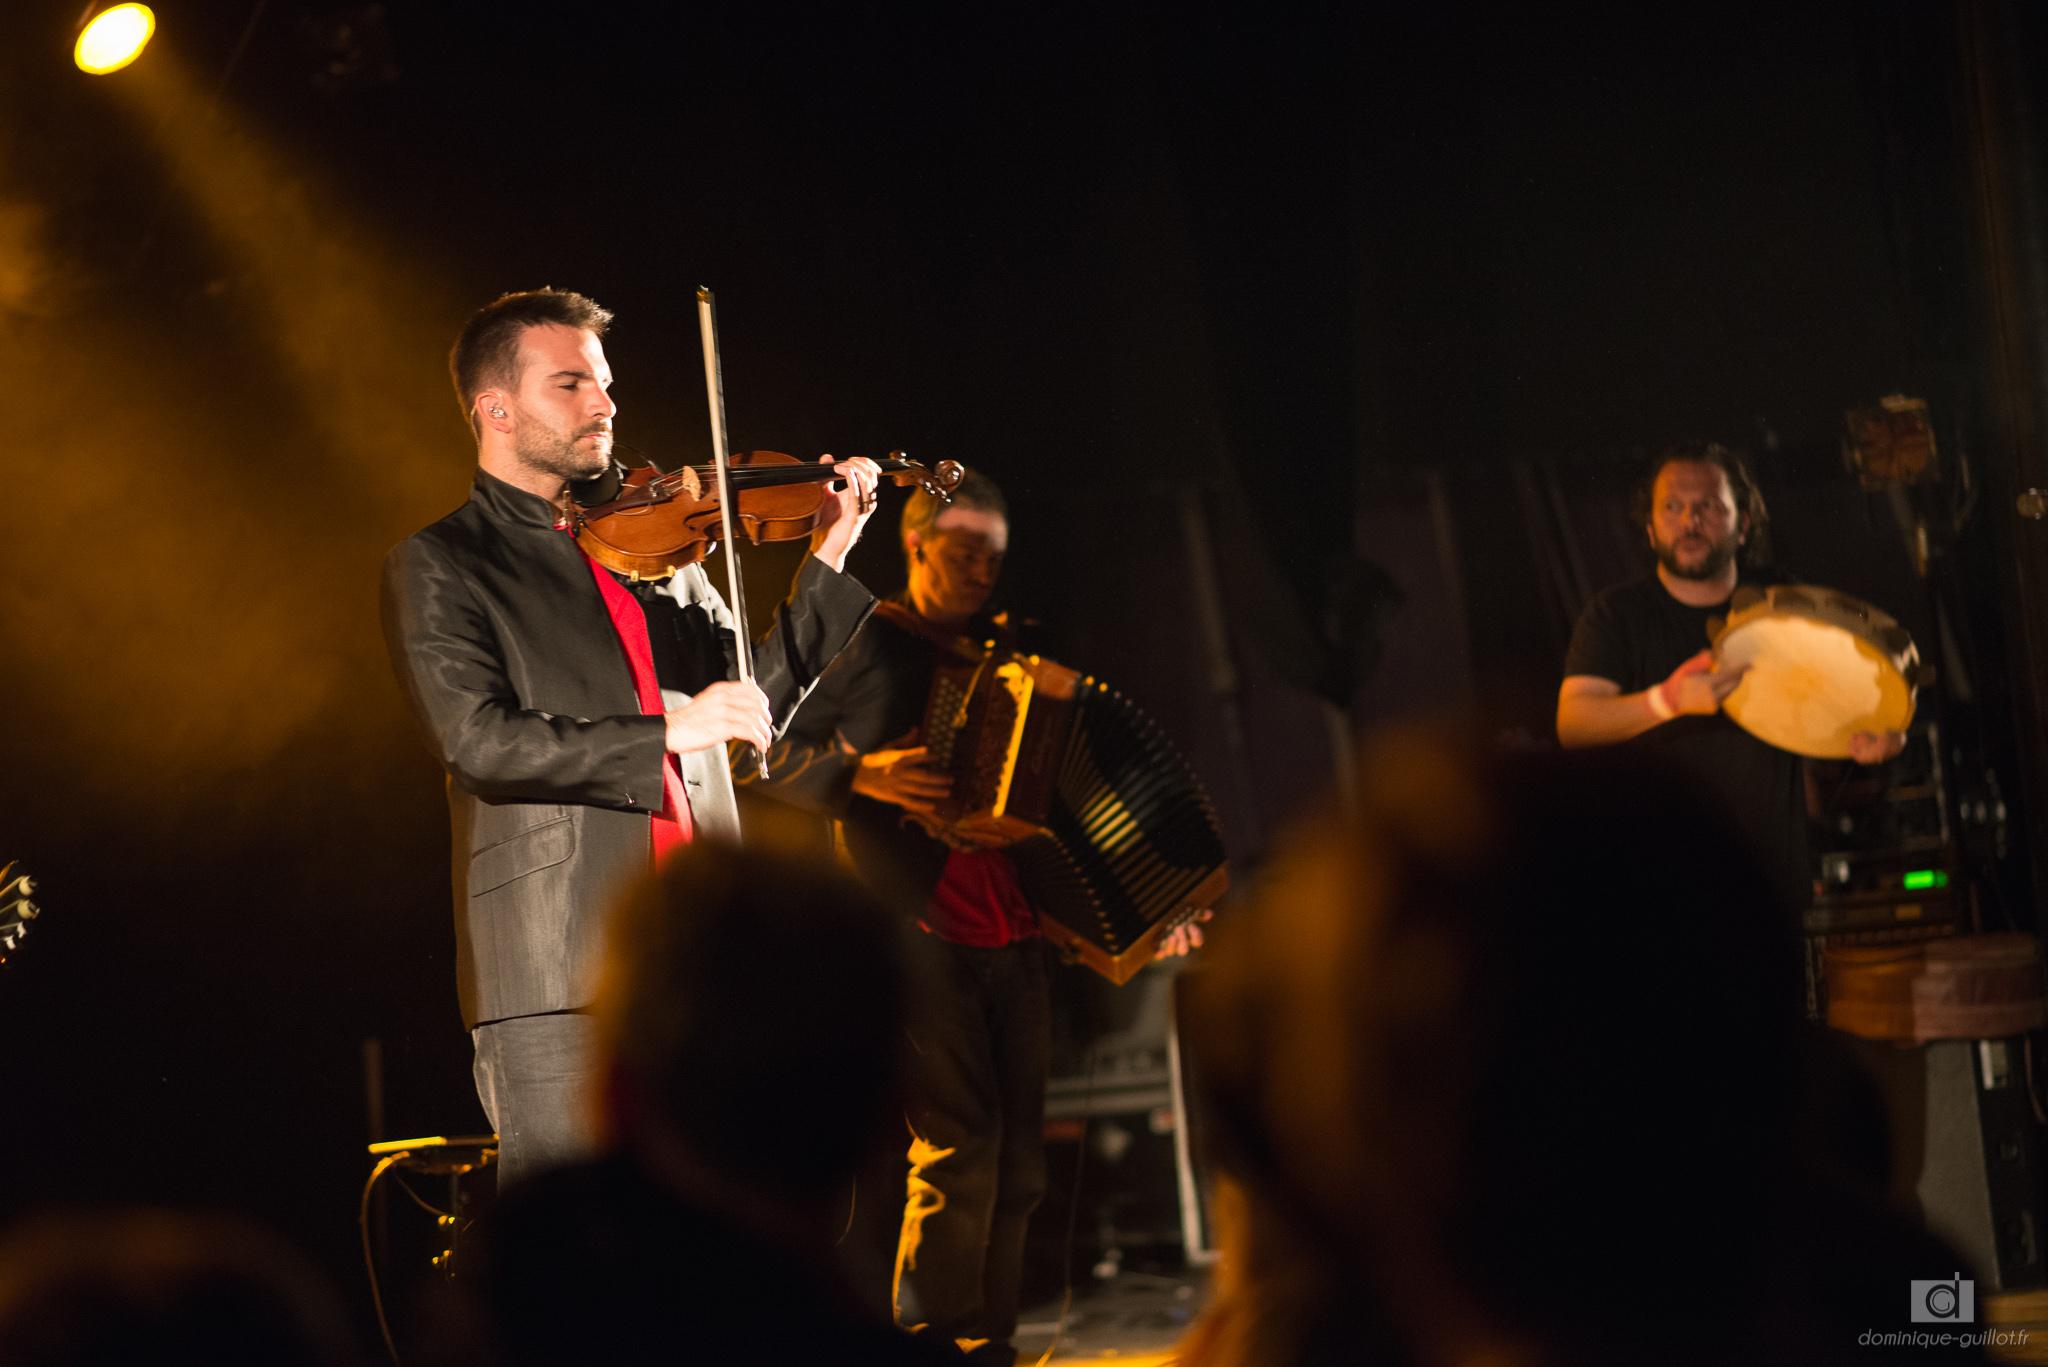 Festival rencontre entre les mondes chabeuil 2018